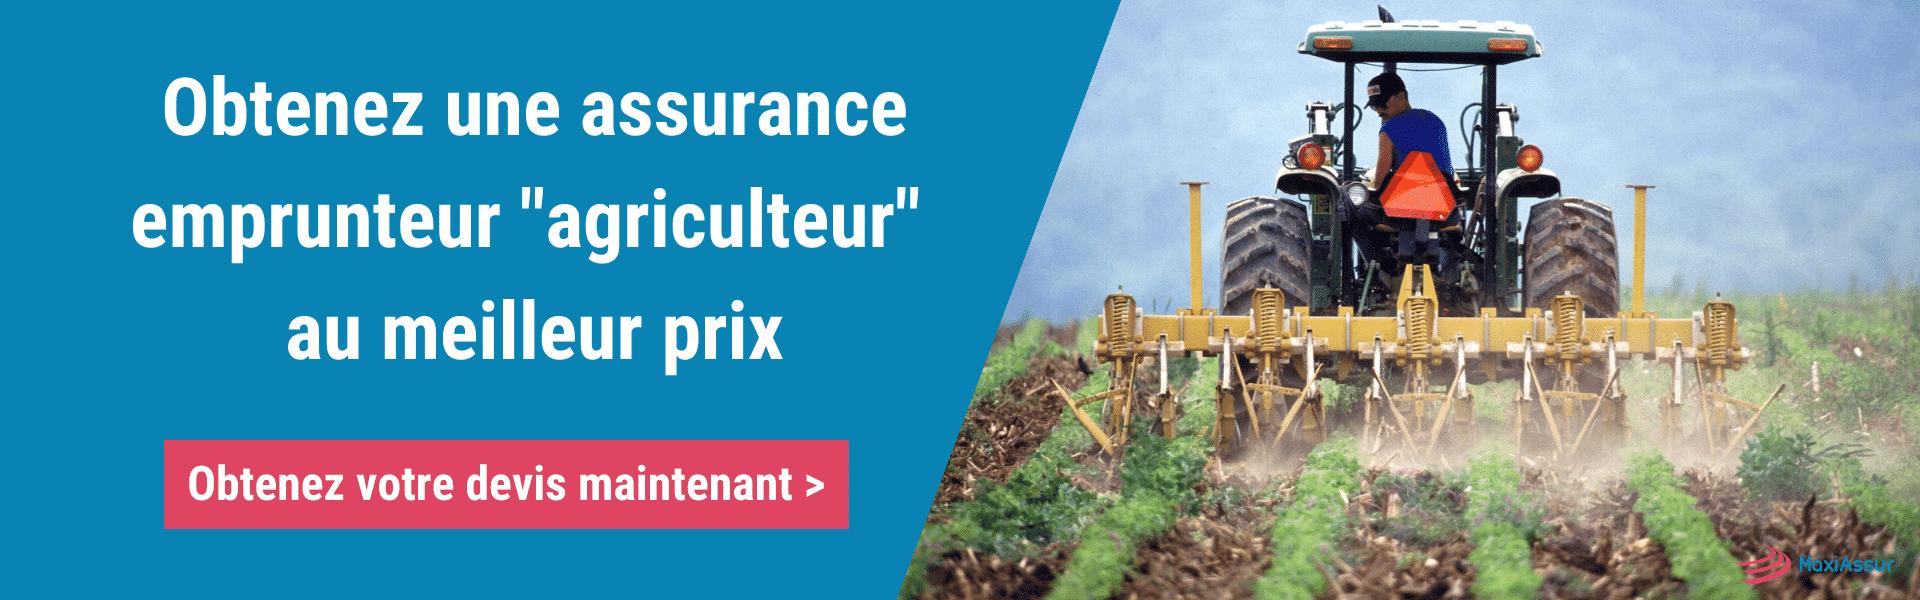 Trouver assurance emprunteur agriculteur